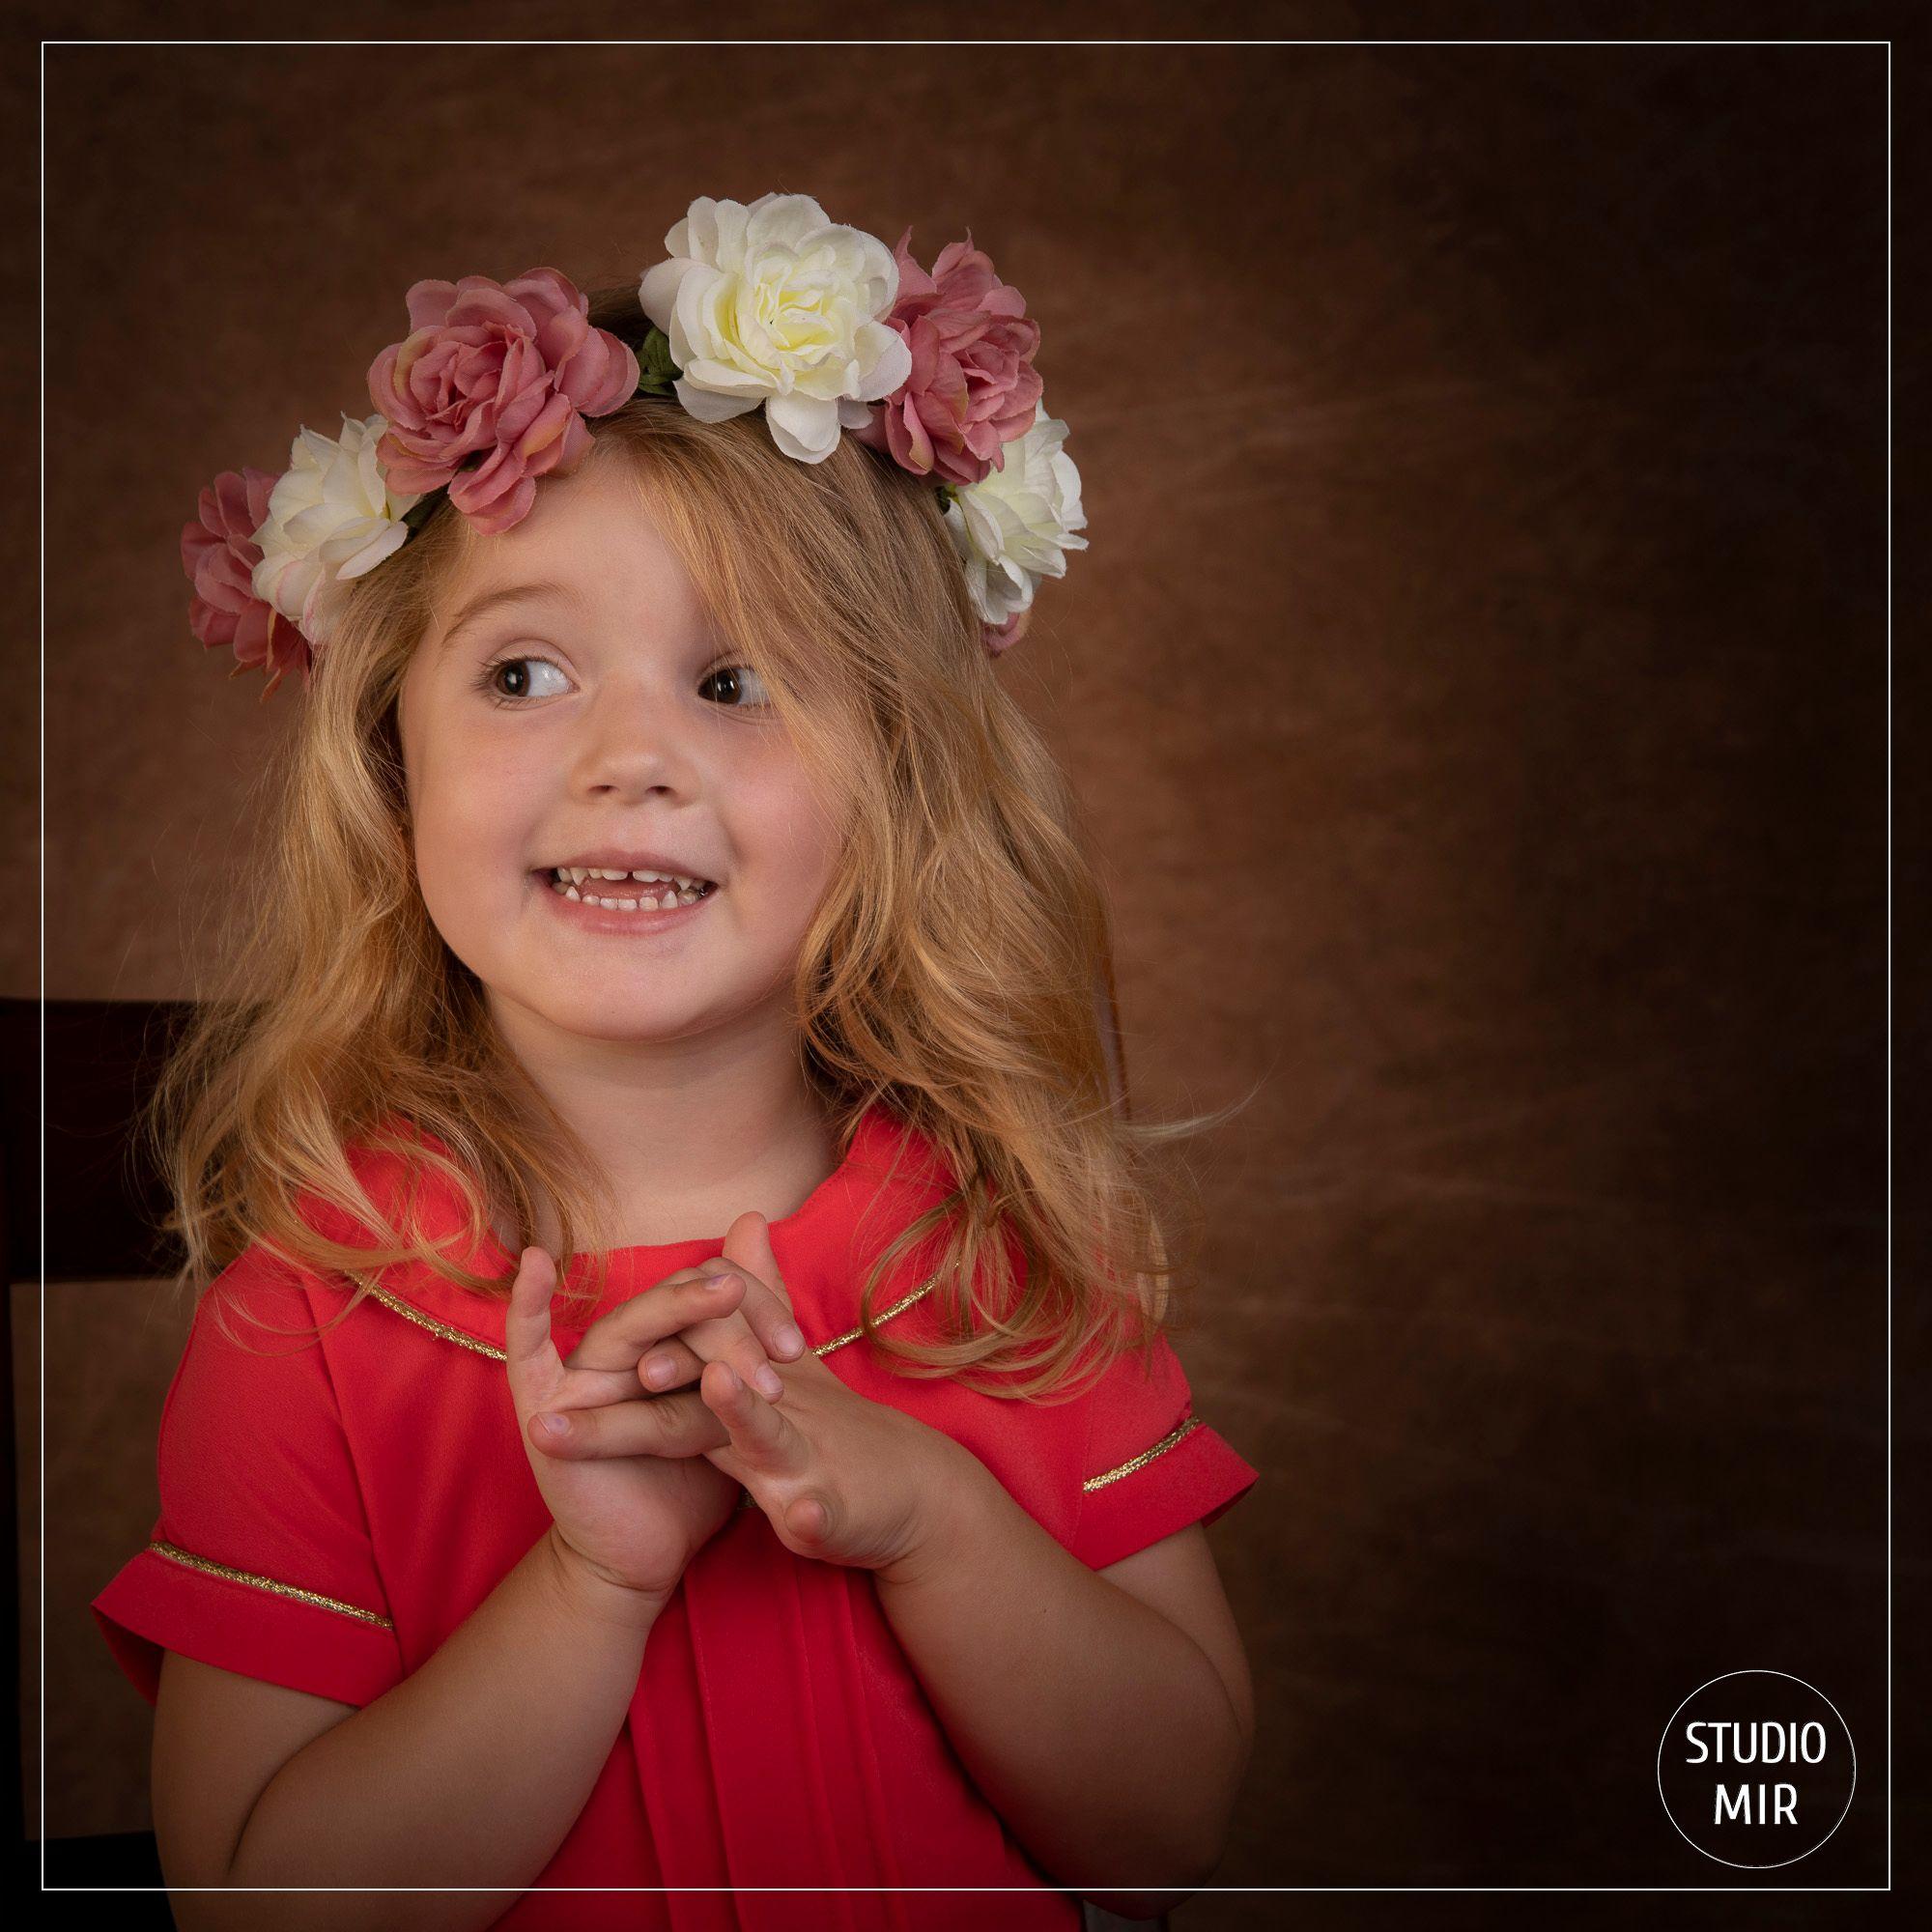 Photographe professionnel pour réaliser des photos de famille dans le Val-de-Marne